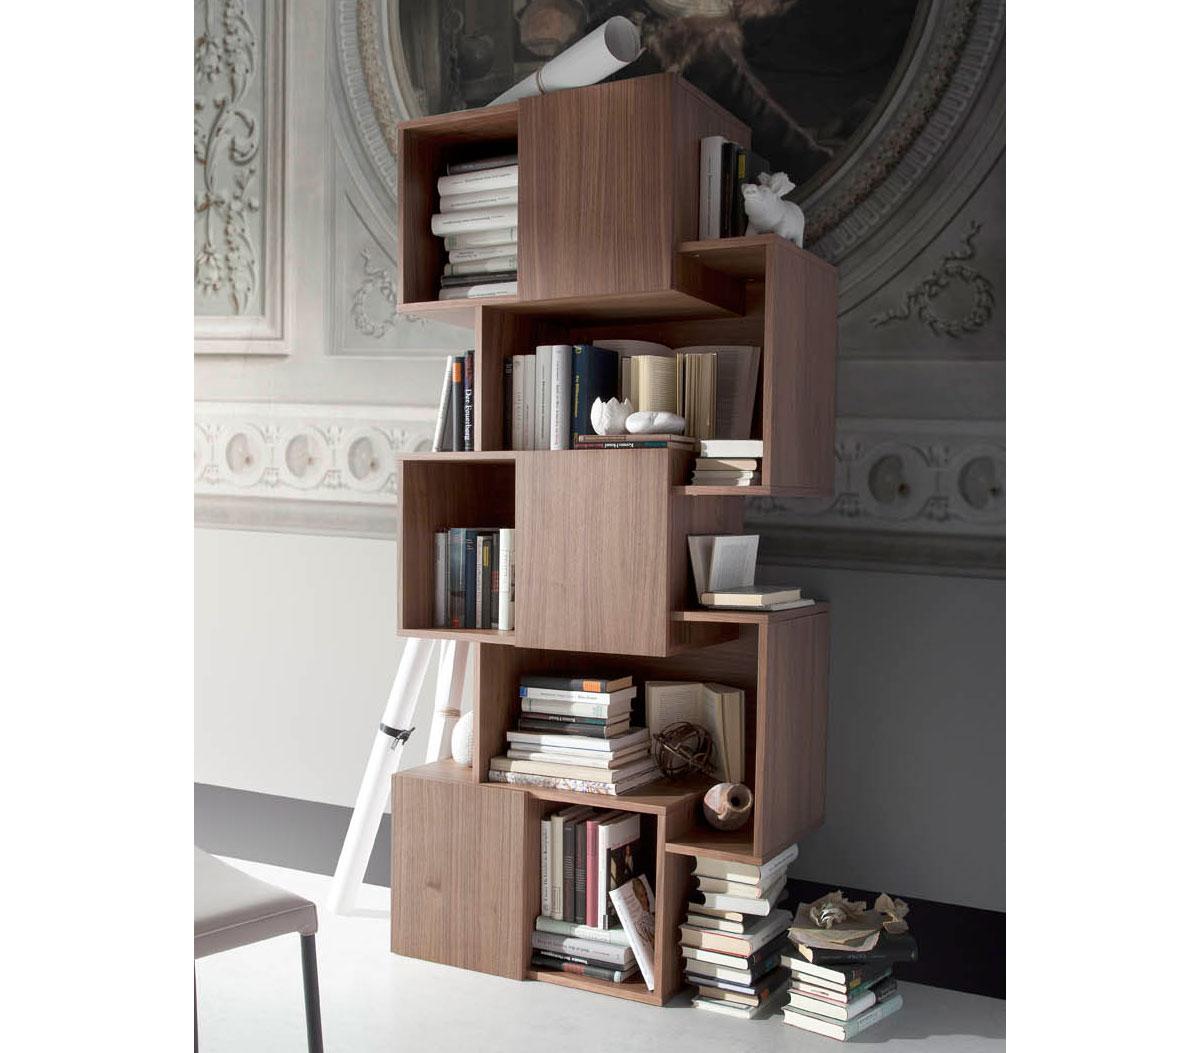 Librer a moderna lapua en - Librerias salon modernas ...